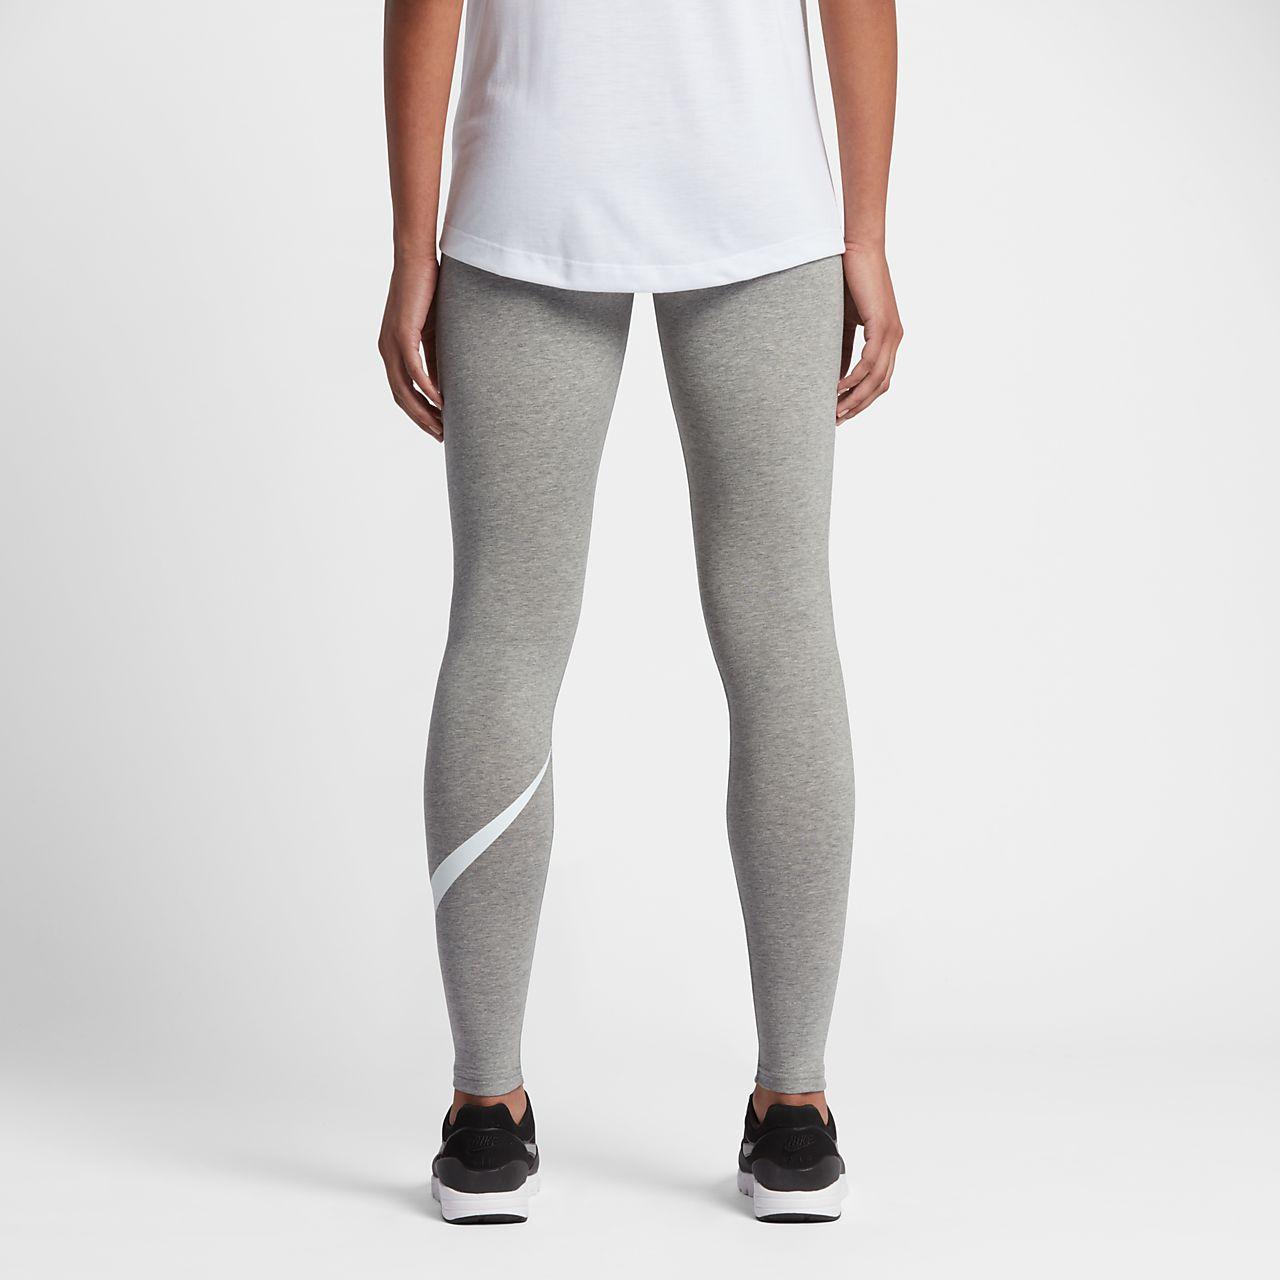 cac04dd63112 Low Resolution Nike Sportswear Women s Swoosh Leggings Nike Sportswear  Women s Swoosh Leggings